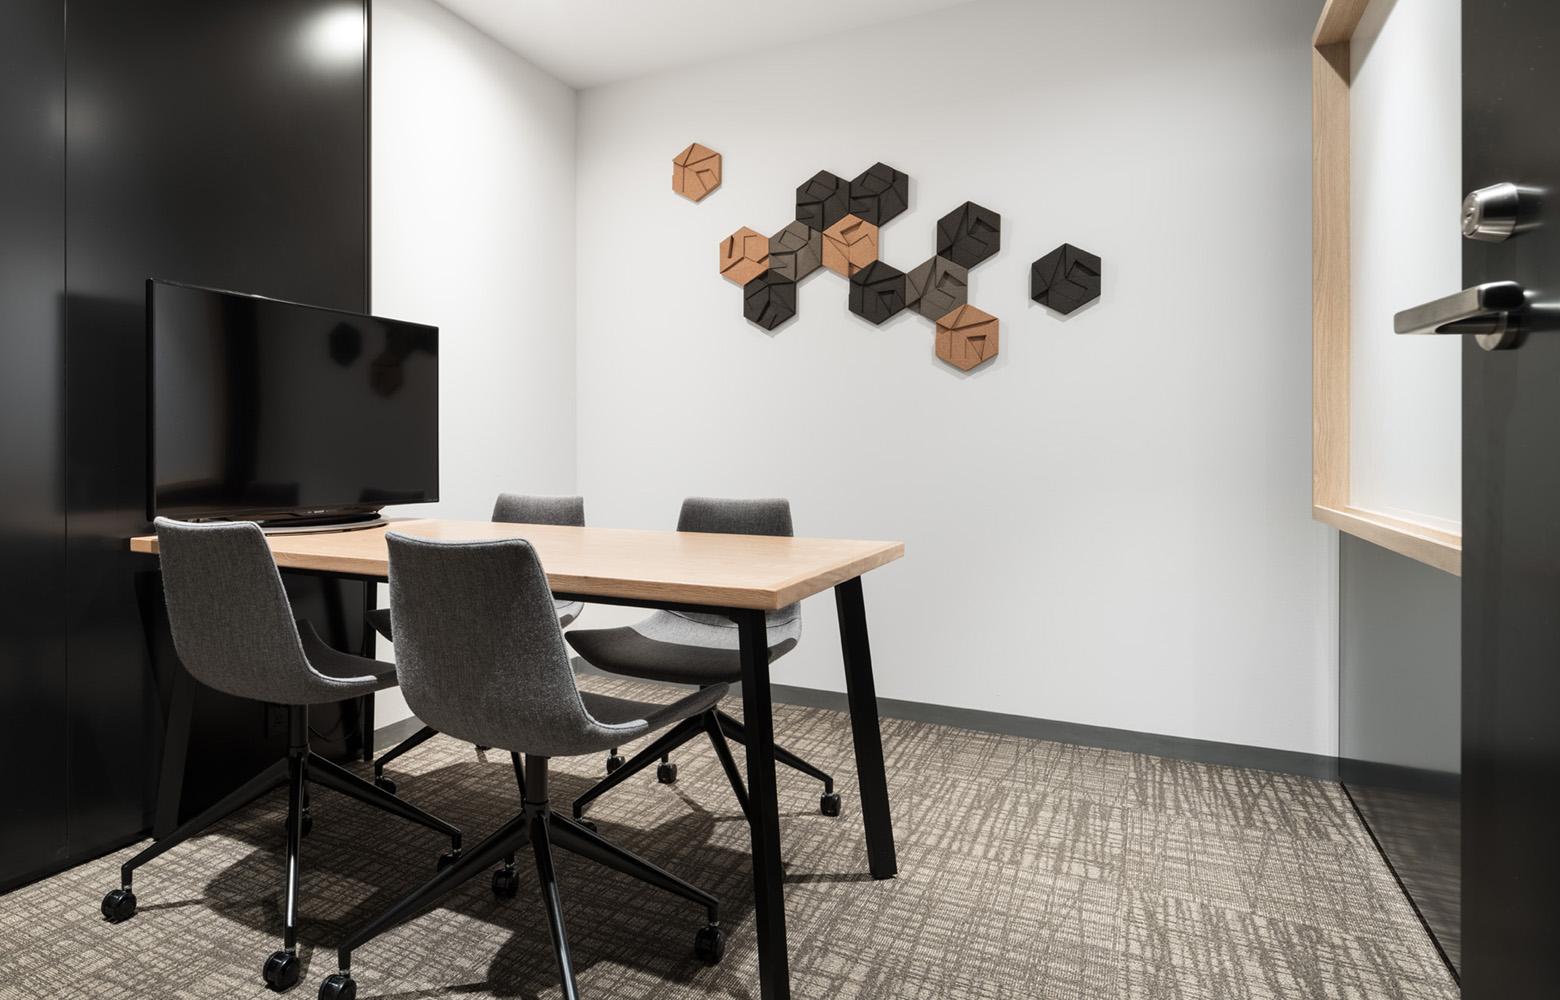 フォースタートアップス株式会社 Meeting Space_5 デザイン・レイアウト事例